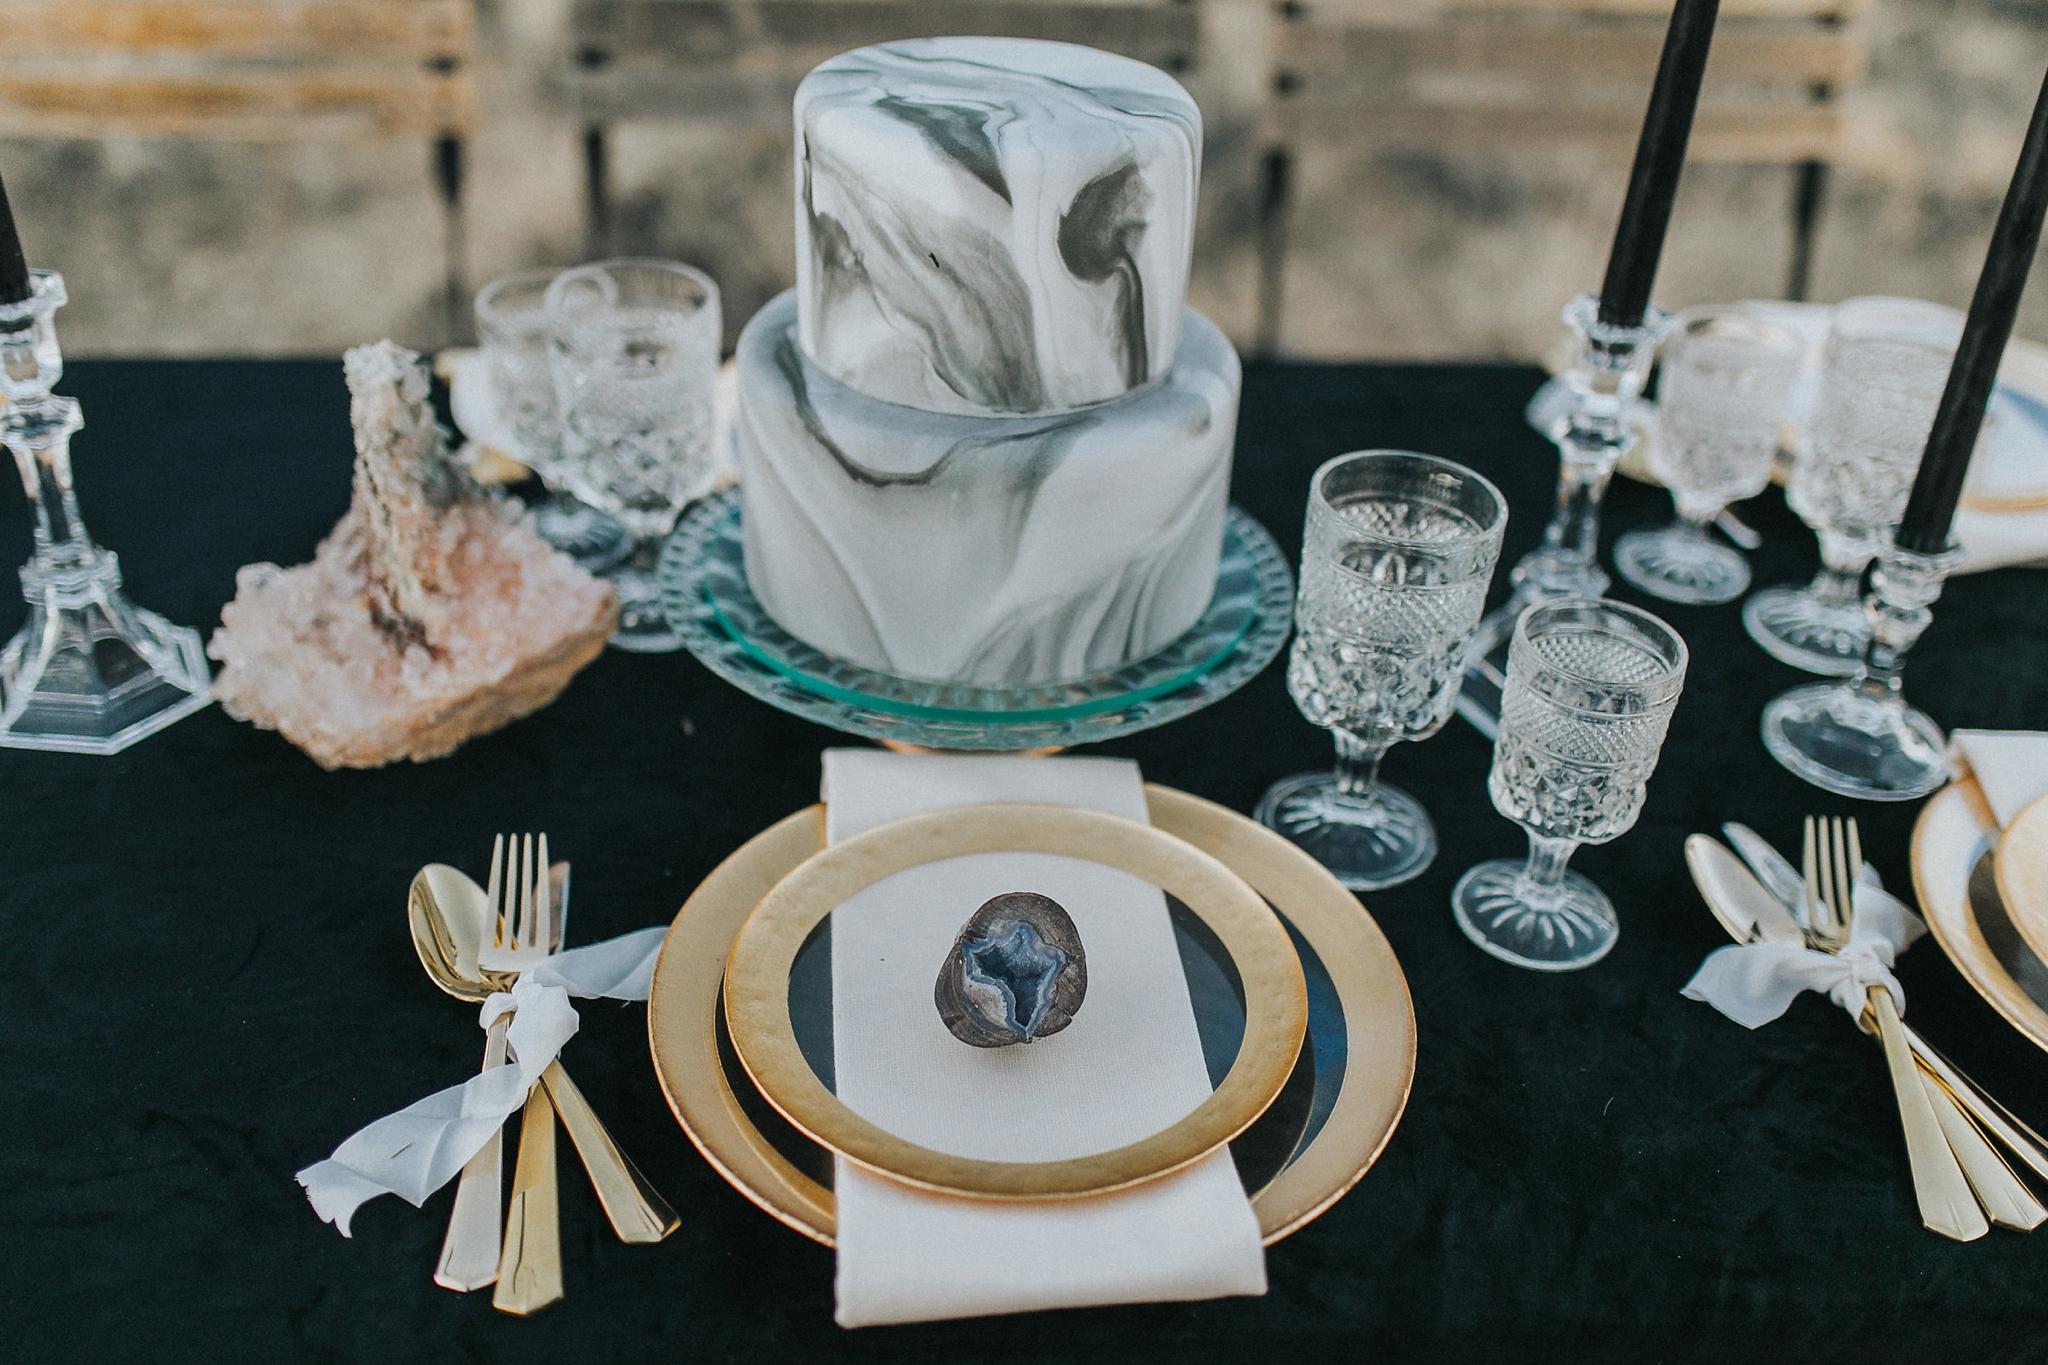 Alicia+lucia+photography+-+albuquerque+wedding+photographer+-+santa+fe+wedding+photography+-+new+mexico+wedding+photographer+-+wedding+reception+-+wedding+cake+-+wedding+sweets+-+maggies+cakes_0004.jpg